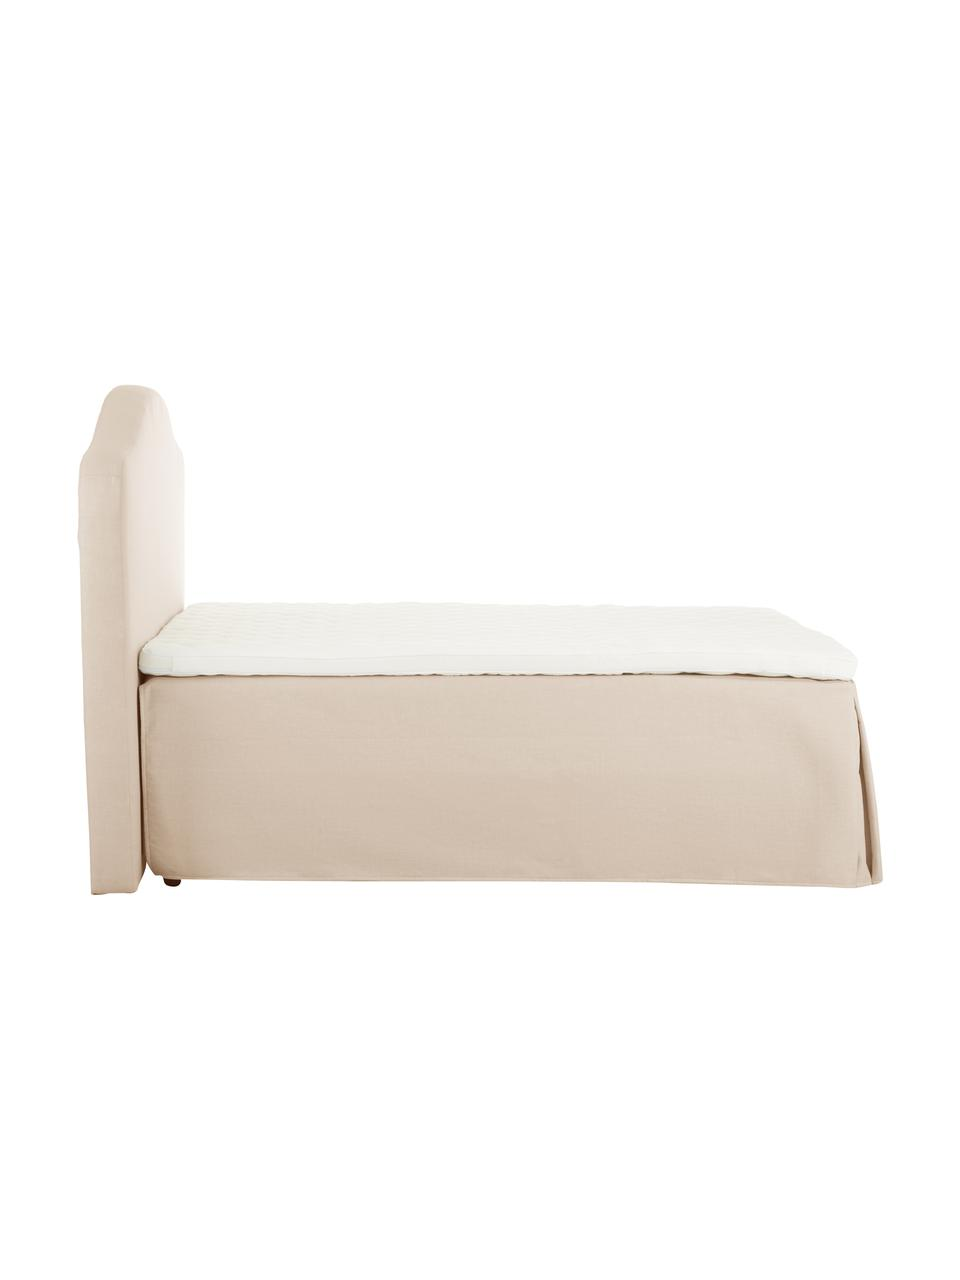 Premium Boxspringbett Dahlia in Beige, Matratze: 5-Zonen-Taschenfederkern , Füße: Massives Birkenholz, lack, Beige, 140 x 200 cm